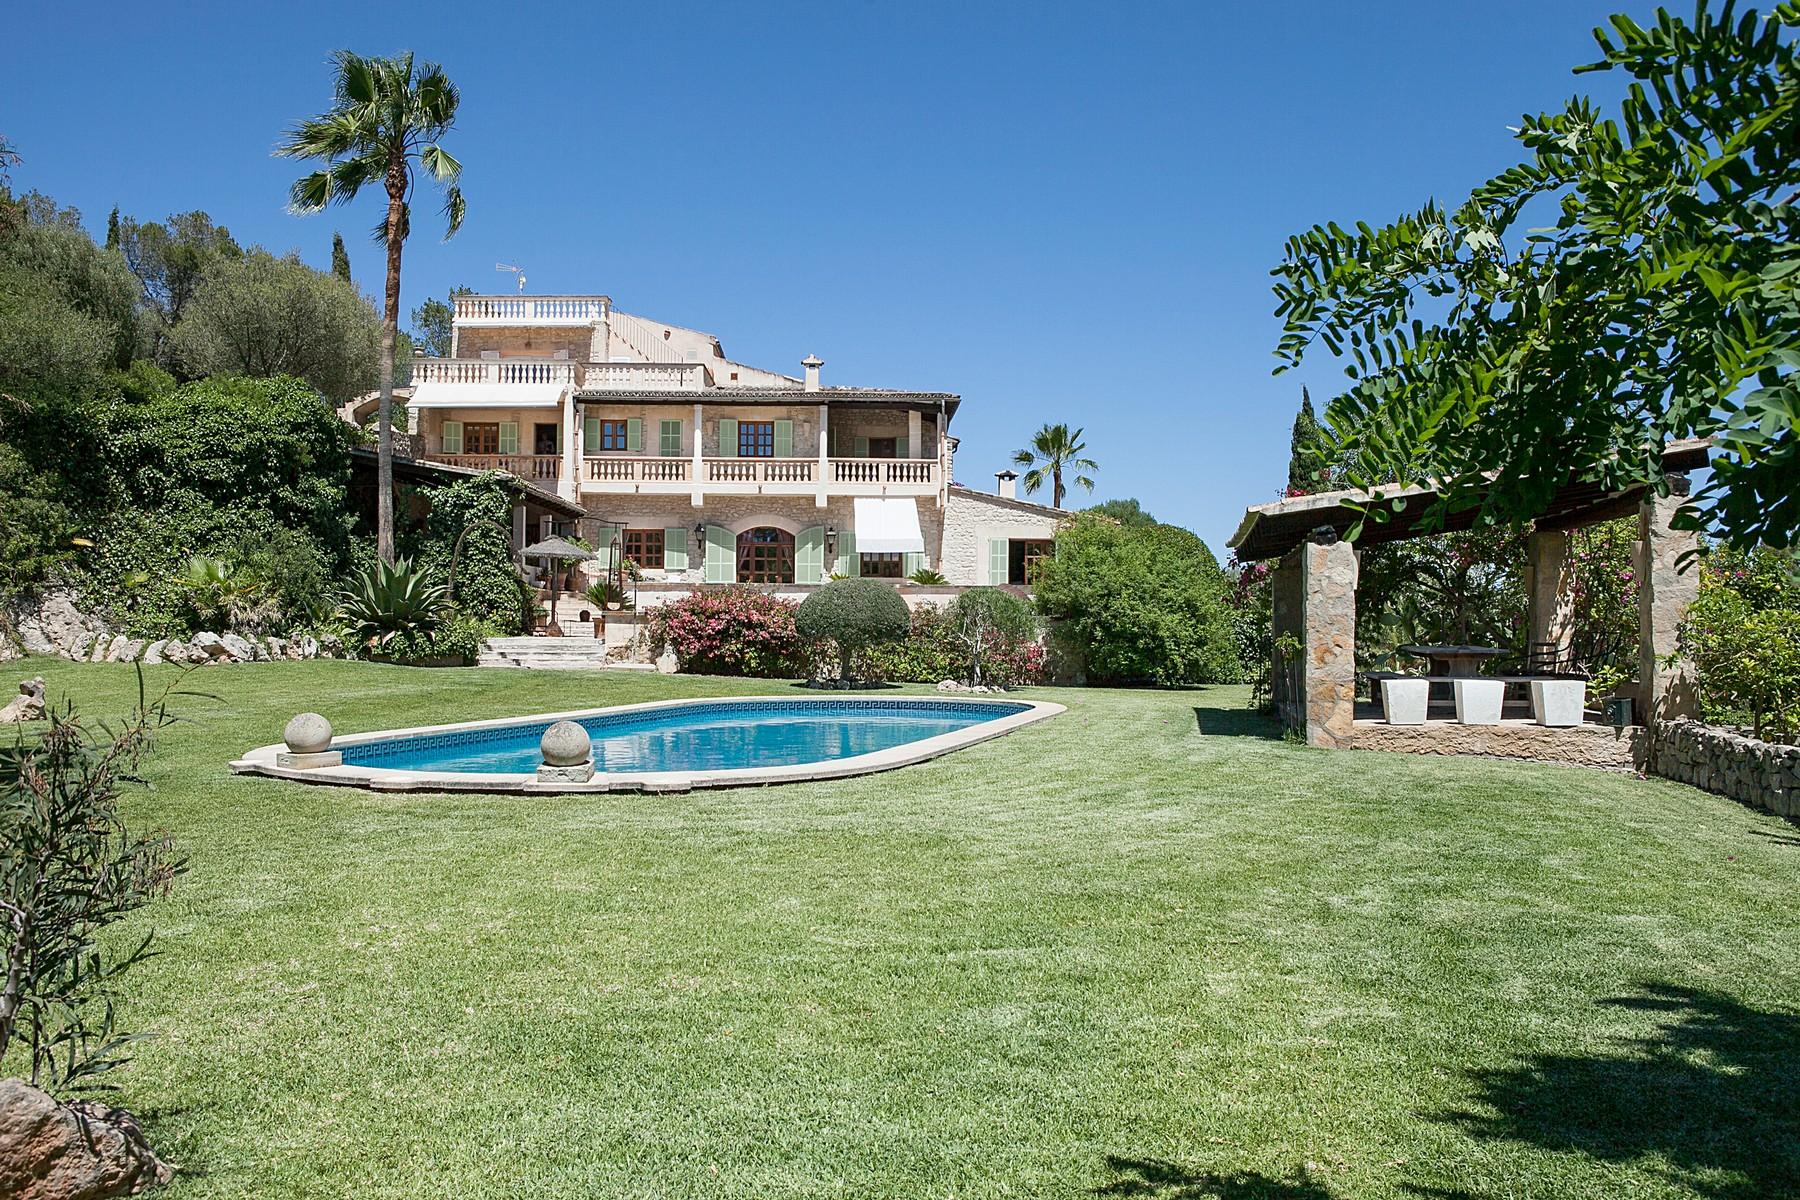 Casa para uma família para Venda às Exlusive Country Estate in Montuiri Montuiri, Palma De Maiorca, 07230 Espanha